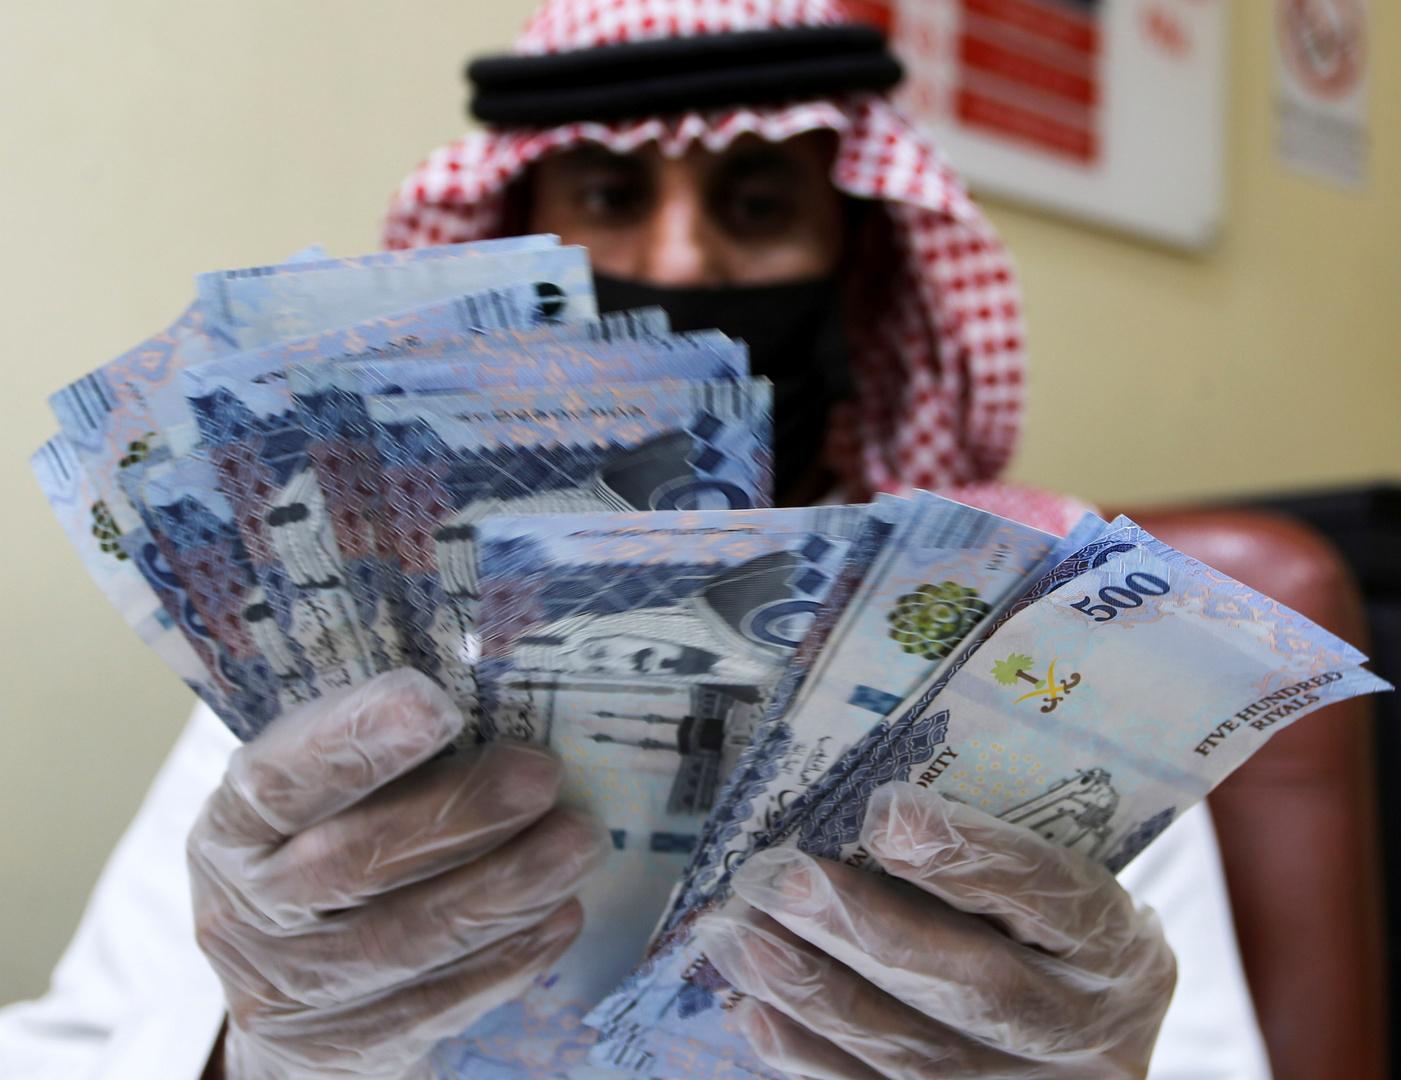 السعودية تستفيد من انهيار البورصات والنفط وتقتنص فرصا